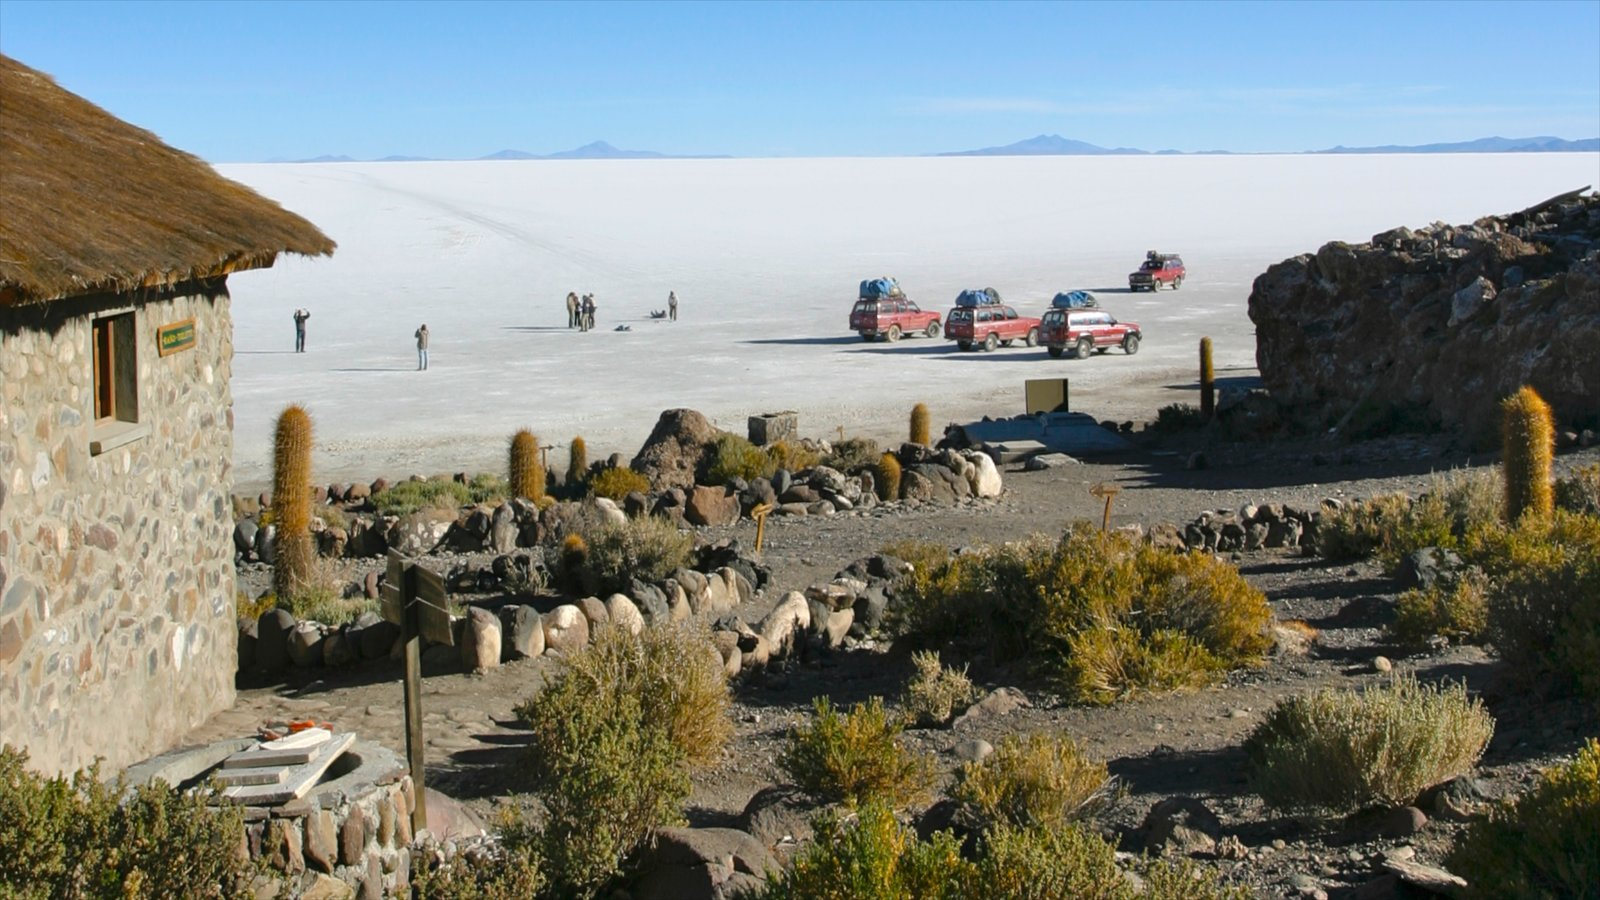 Salar de Uyuni mostrando paisagem, paisagens do deserto e um lago ou charco